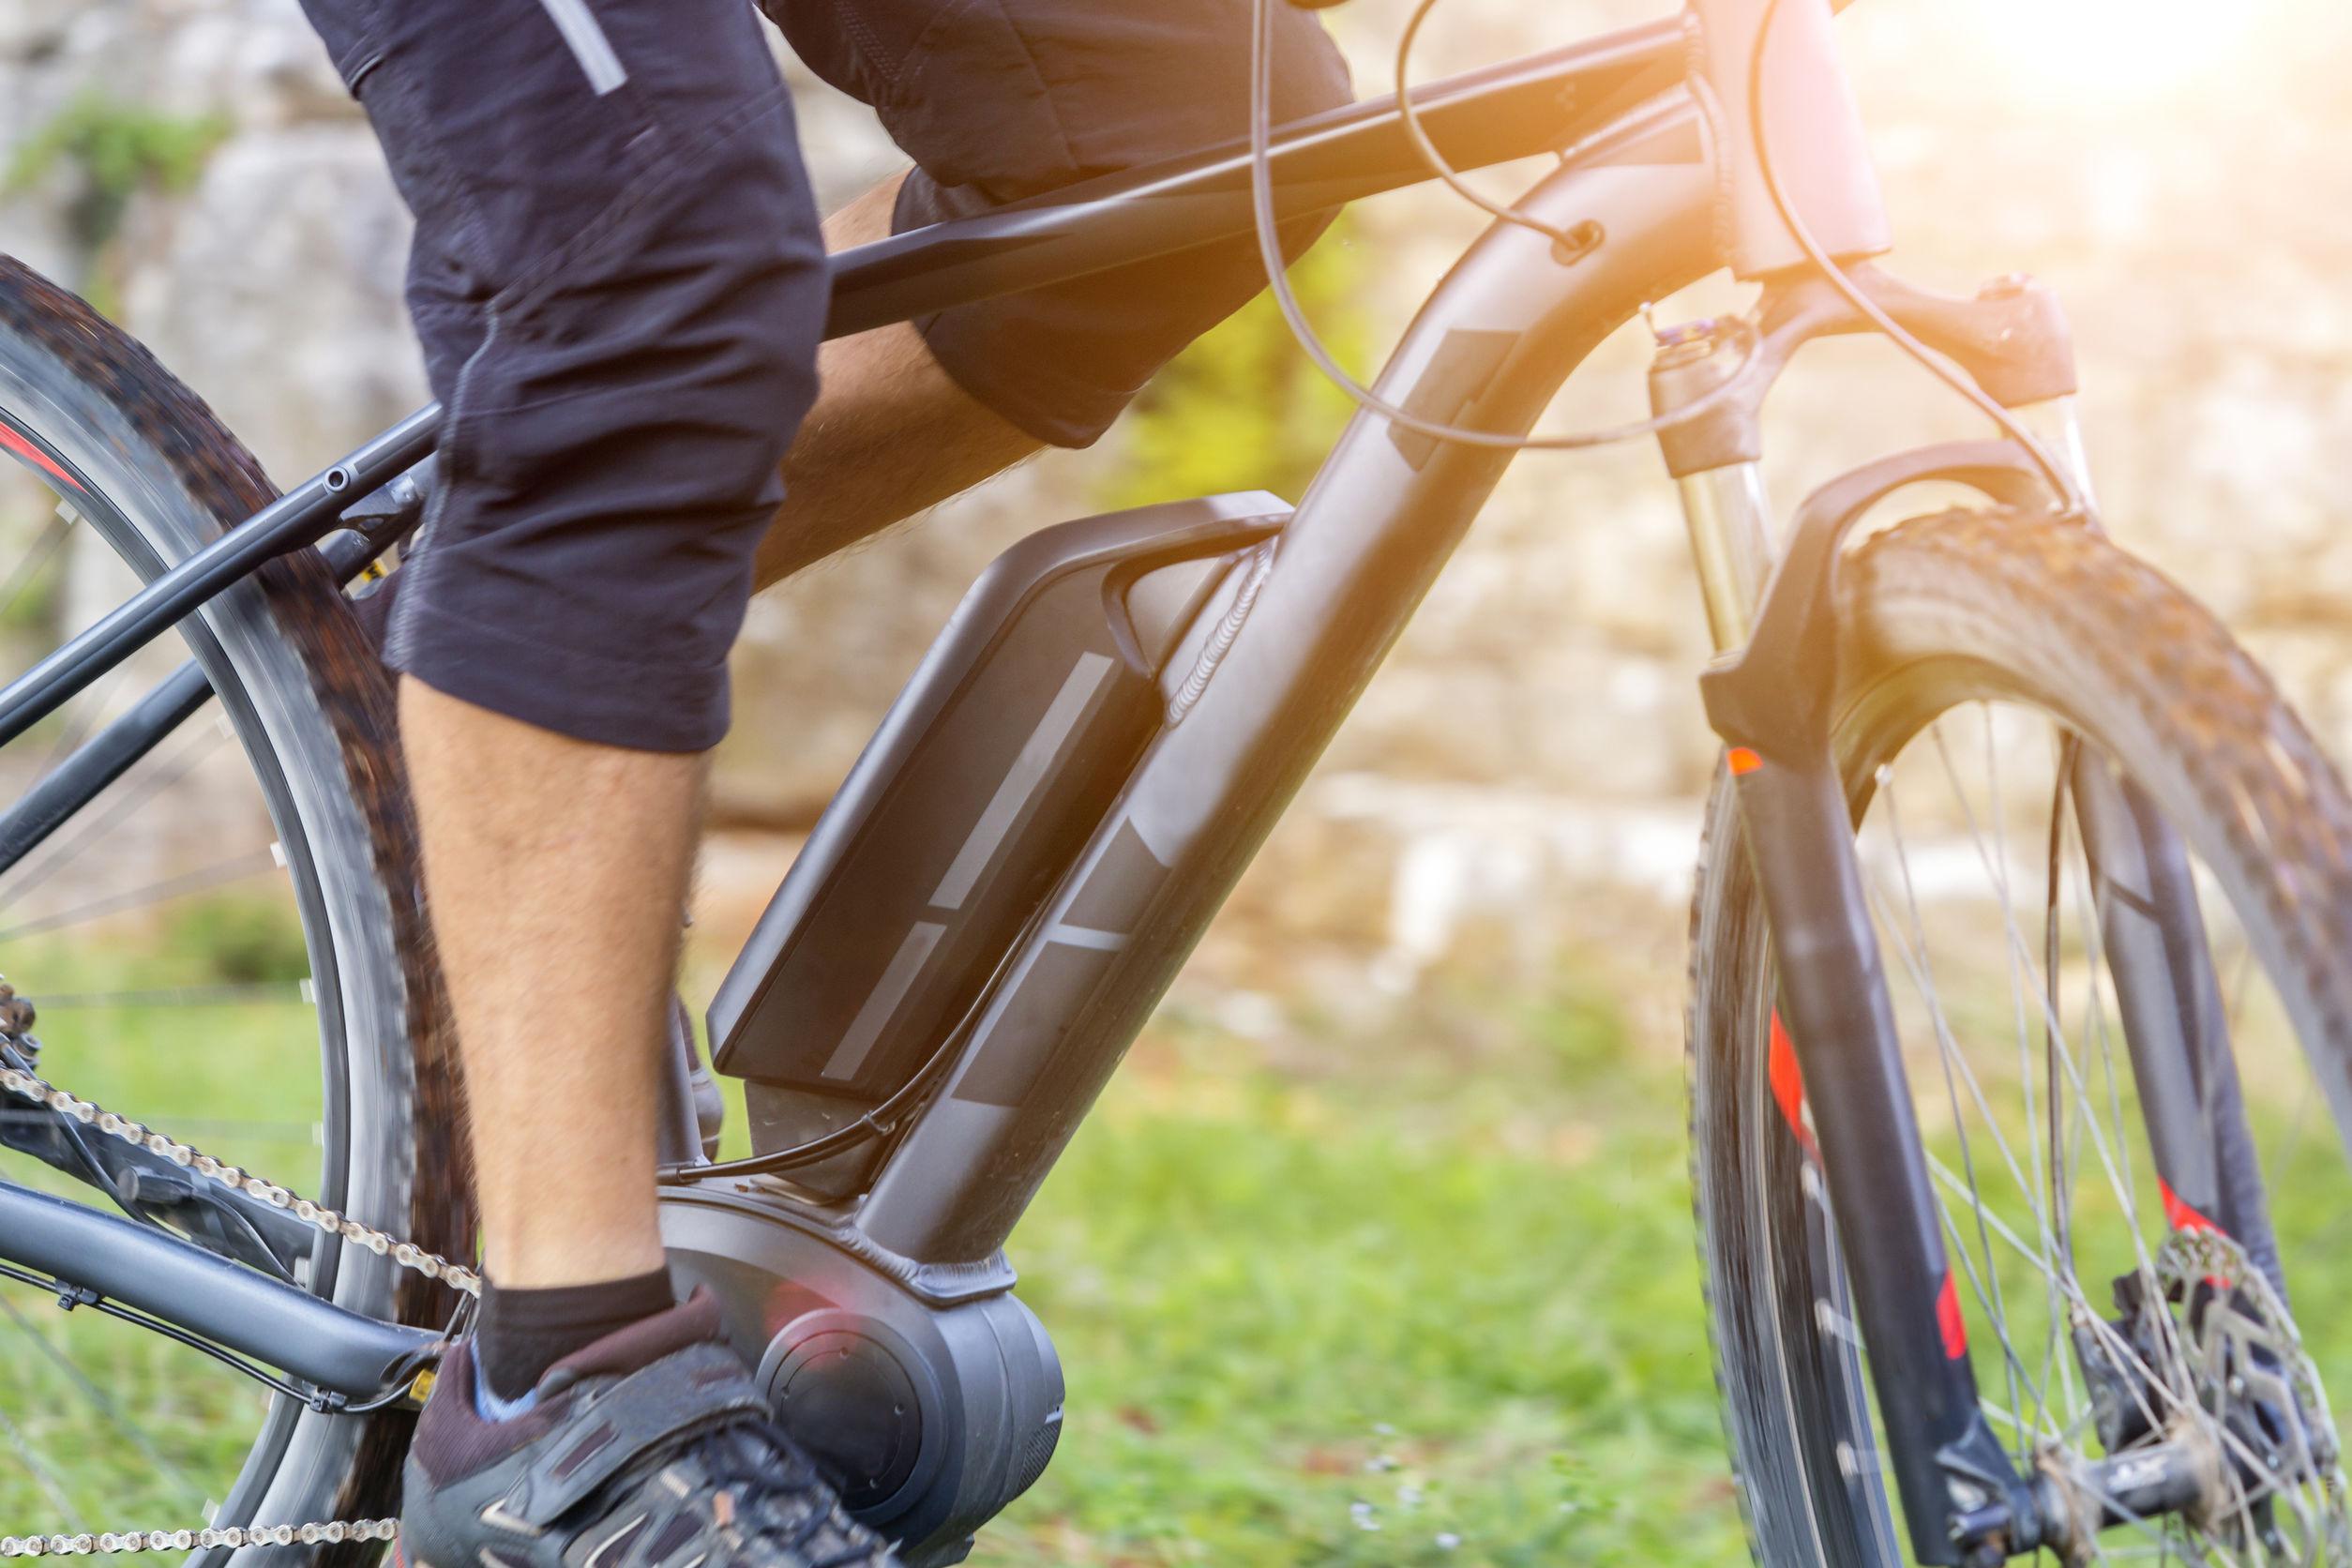 Bicicleta plegable eléctrica: ¿Cuál es la mejor del 2021?